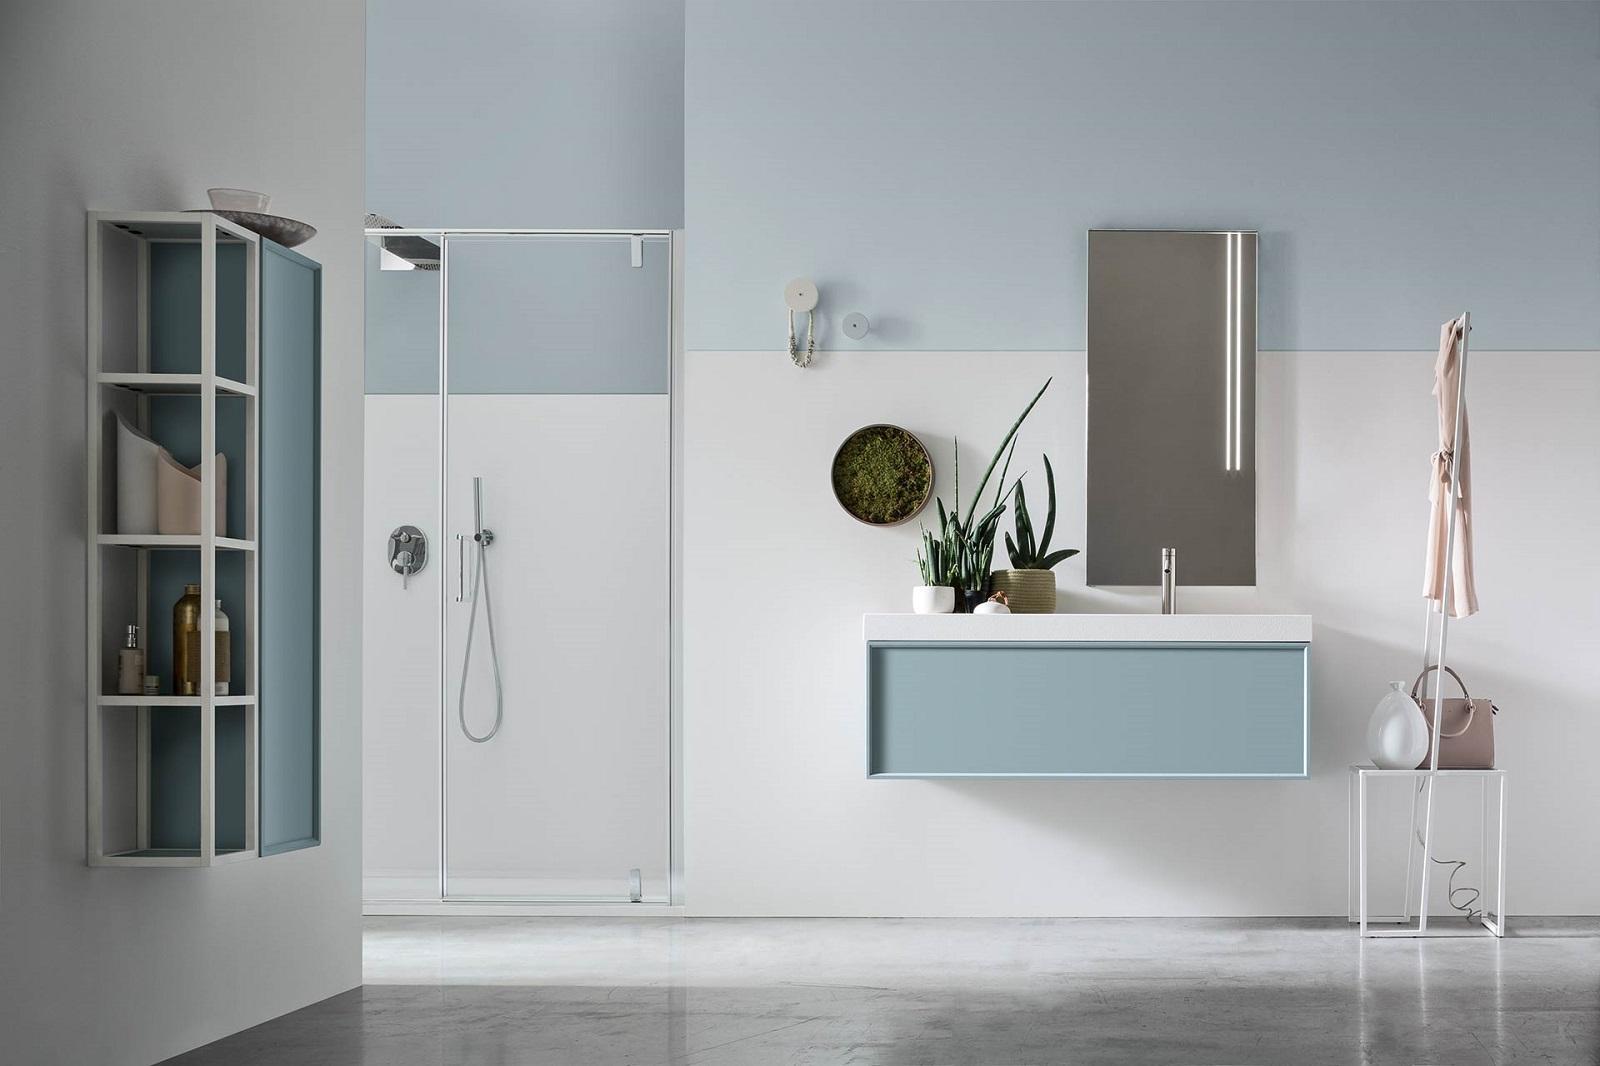 Ikea Mobili Bagno Pensili mobili lineari, a sviluppo orizzontale, per il bagno moderno